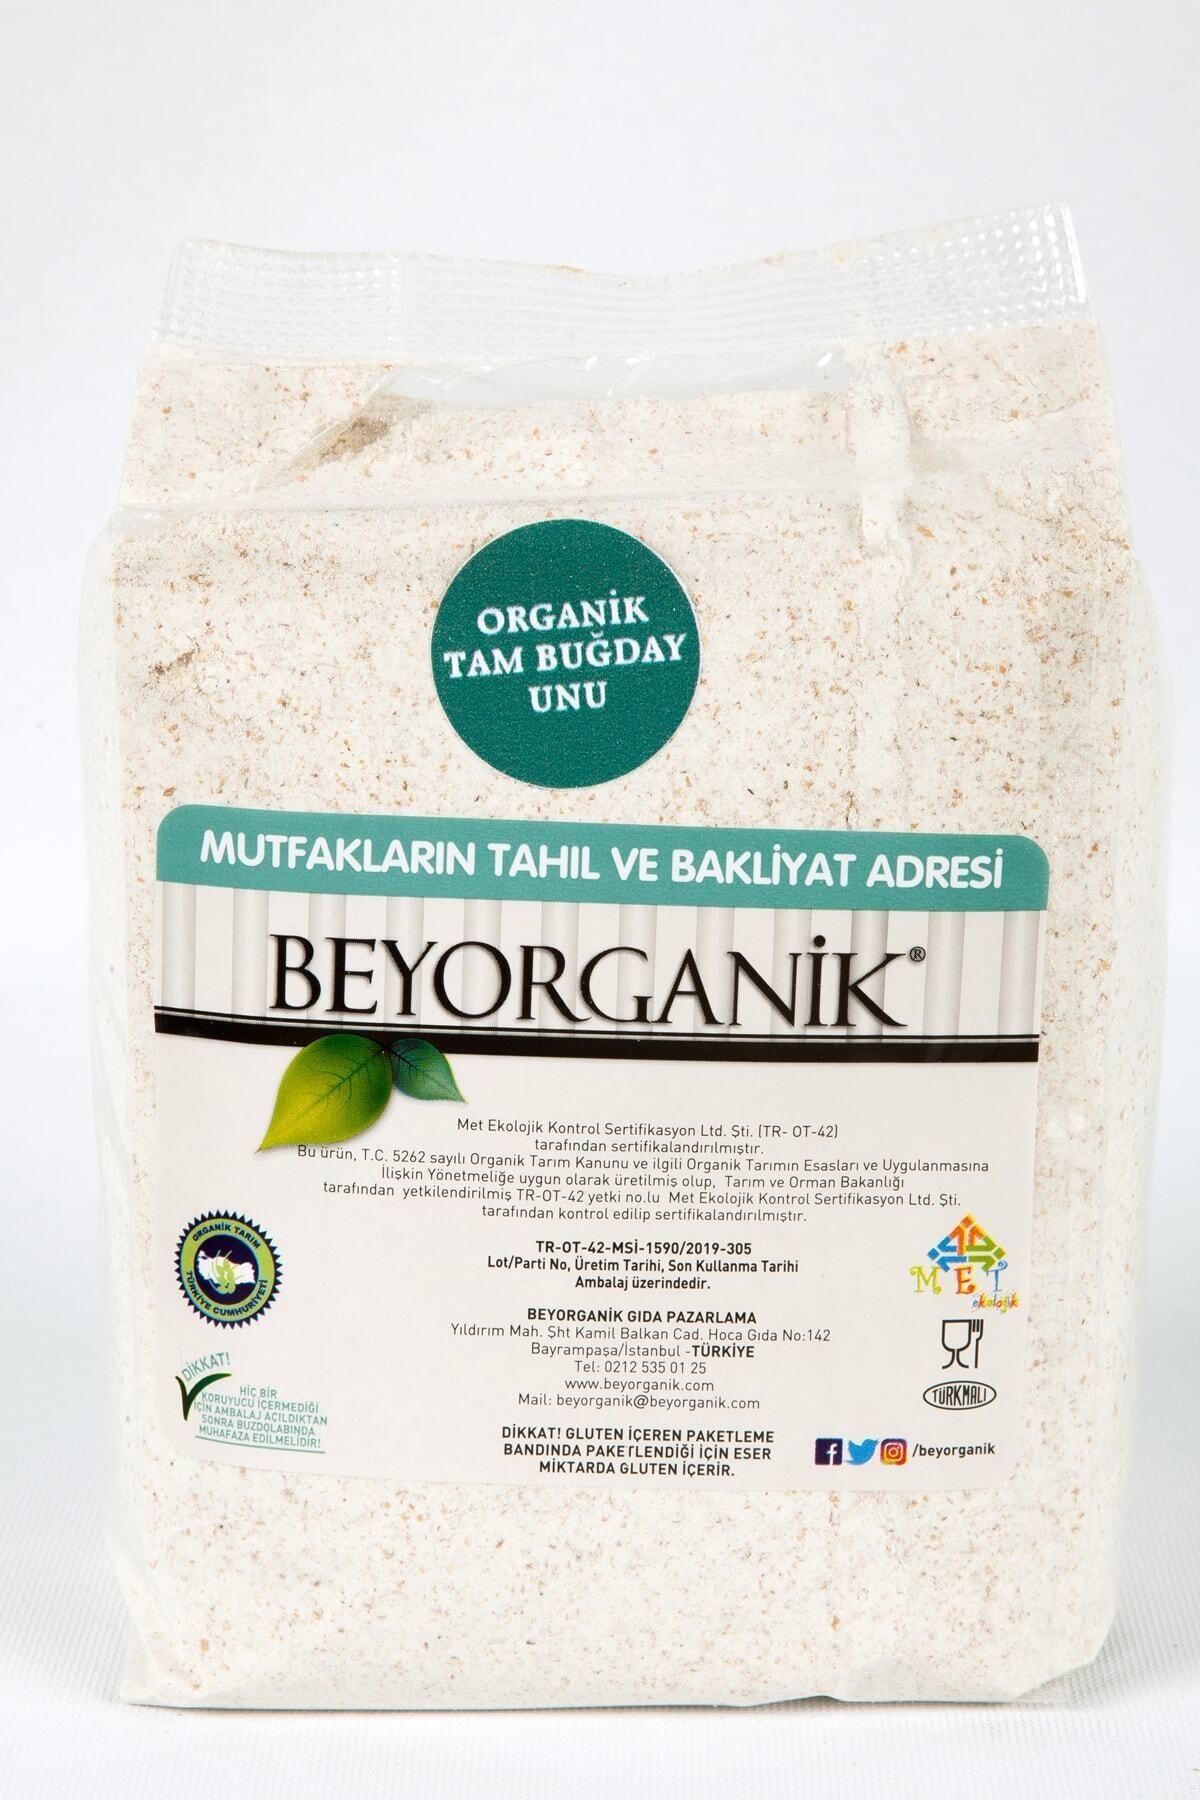 BEYORGANİK Organik Tam Buğday Unu 870 G 1